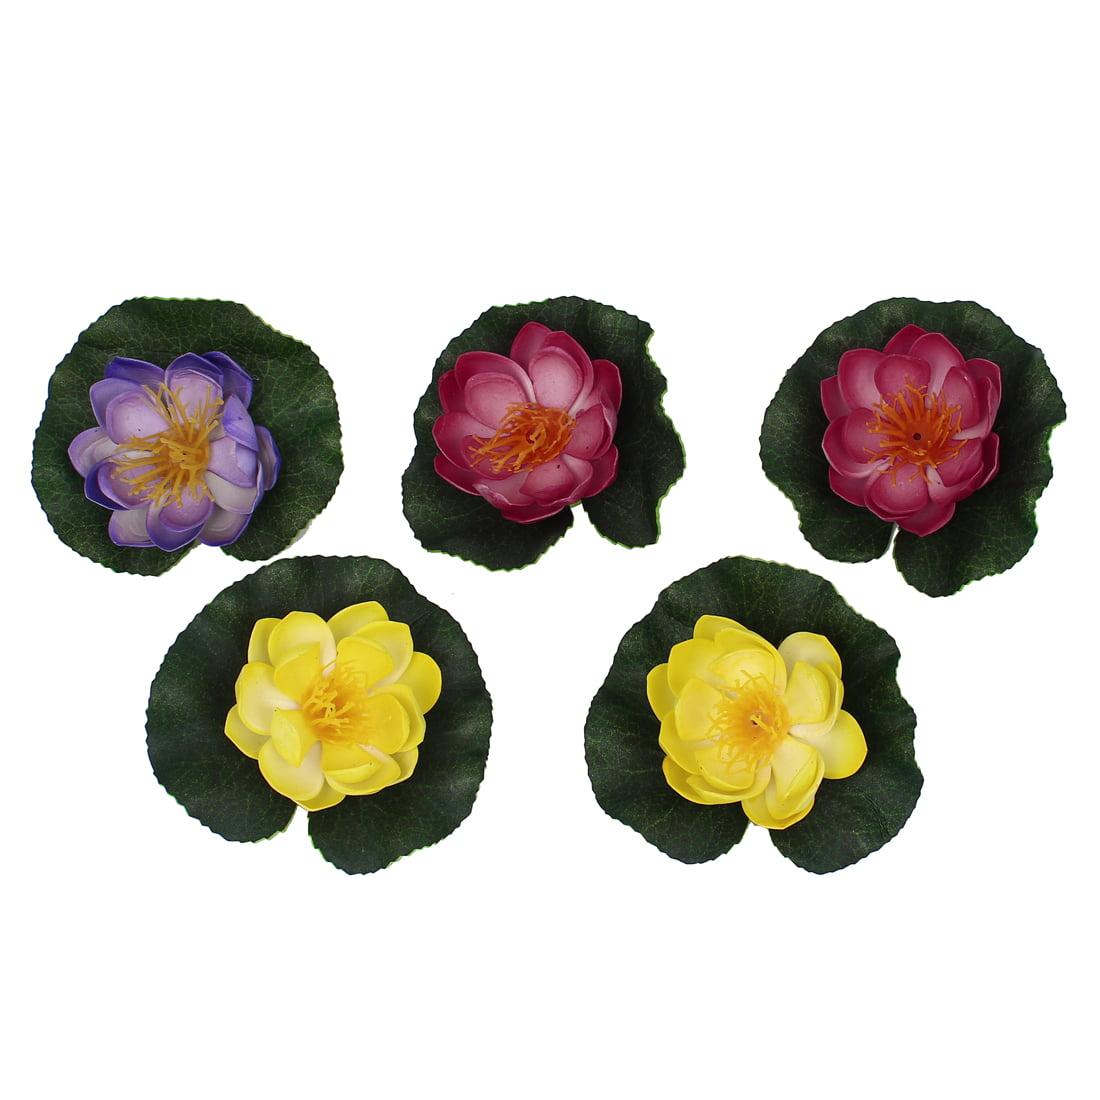 5pcs Fish Tank Decor Artificial Aquatic Foam Lotus Flower Plants